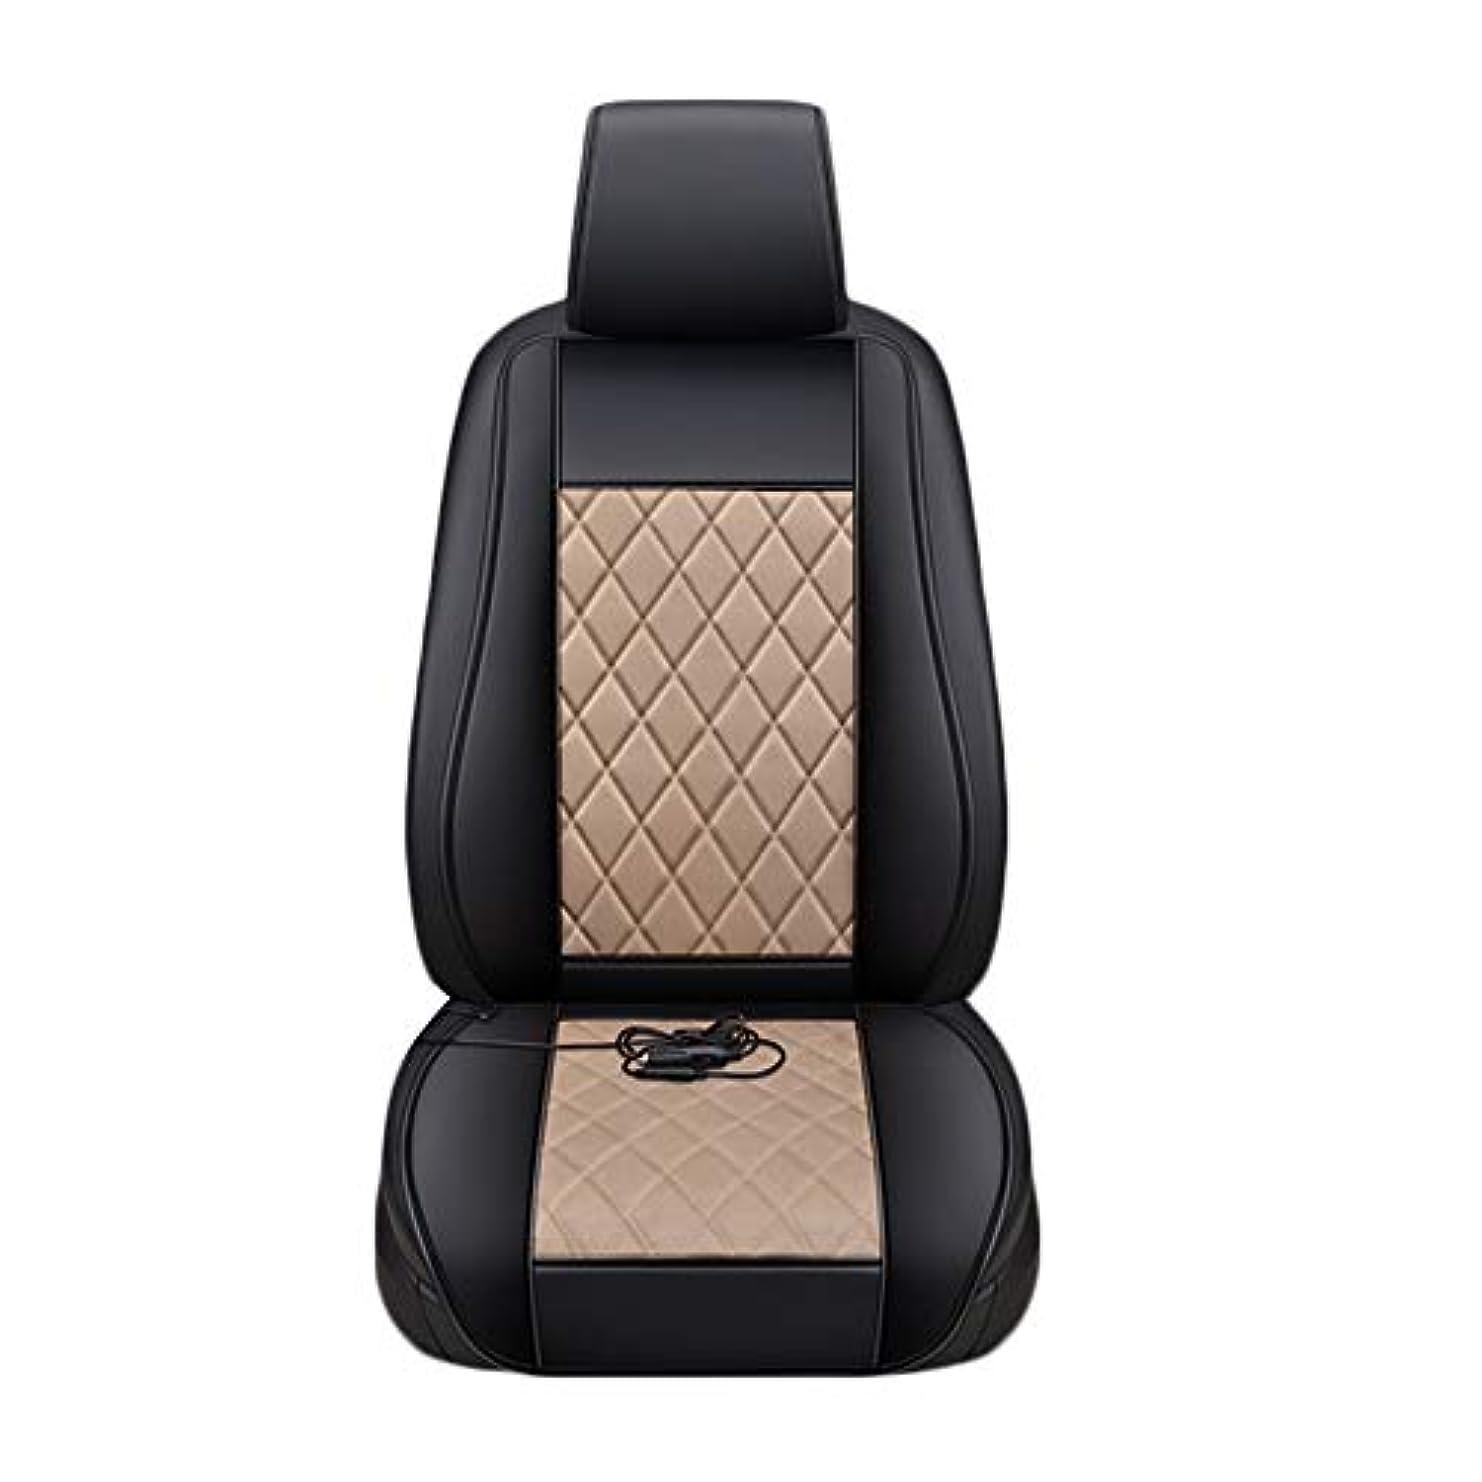 大きさ大きさ桃加熱されたカーシートクッションLIXIONG 電気 暖房 プロテクター パッド 調整可能 温度 カーシートバック ウォーマー クッション、4色 (Color : Beige)